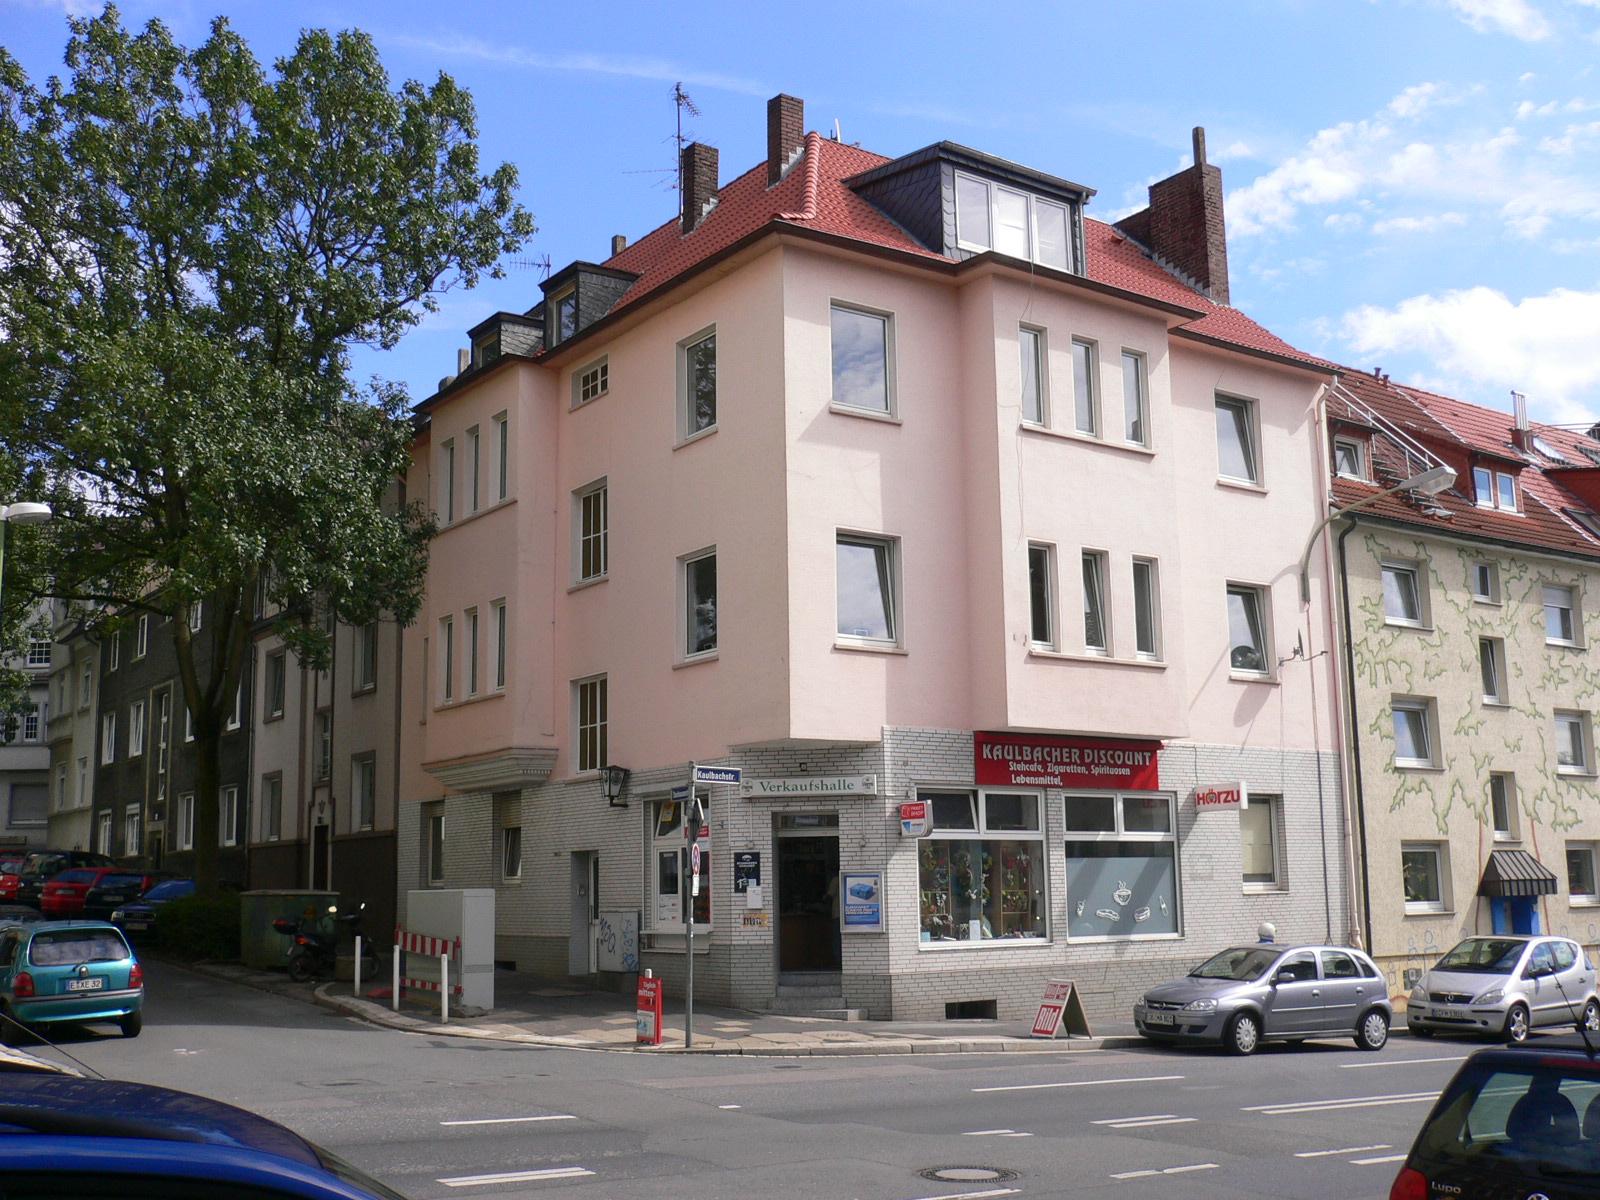 Essen - Steinhausenstraße 55